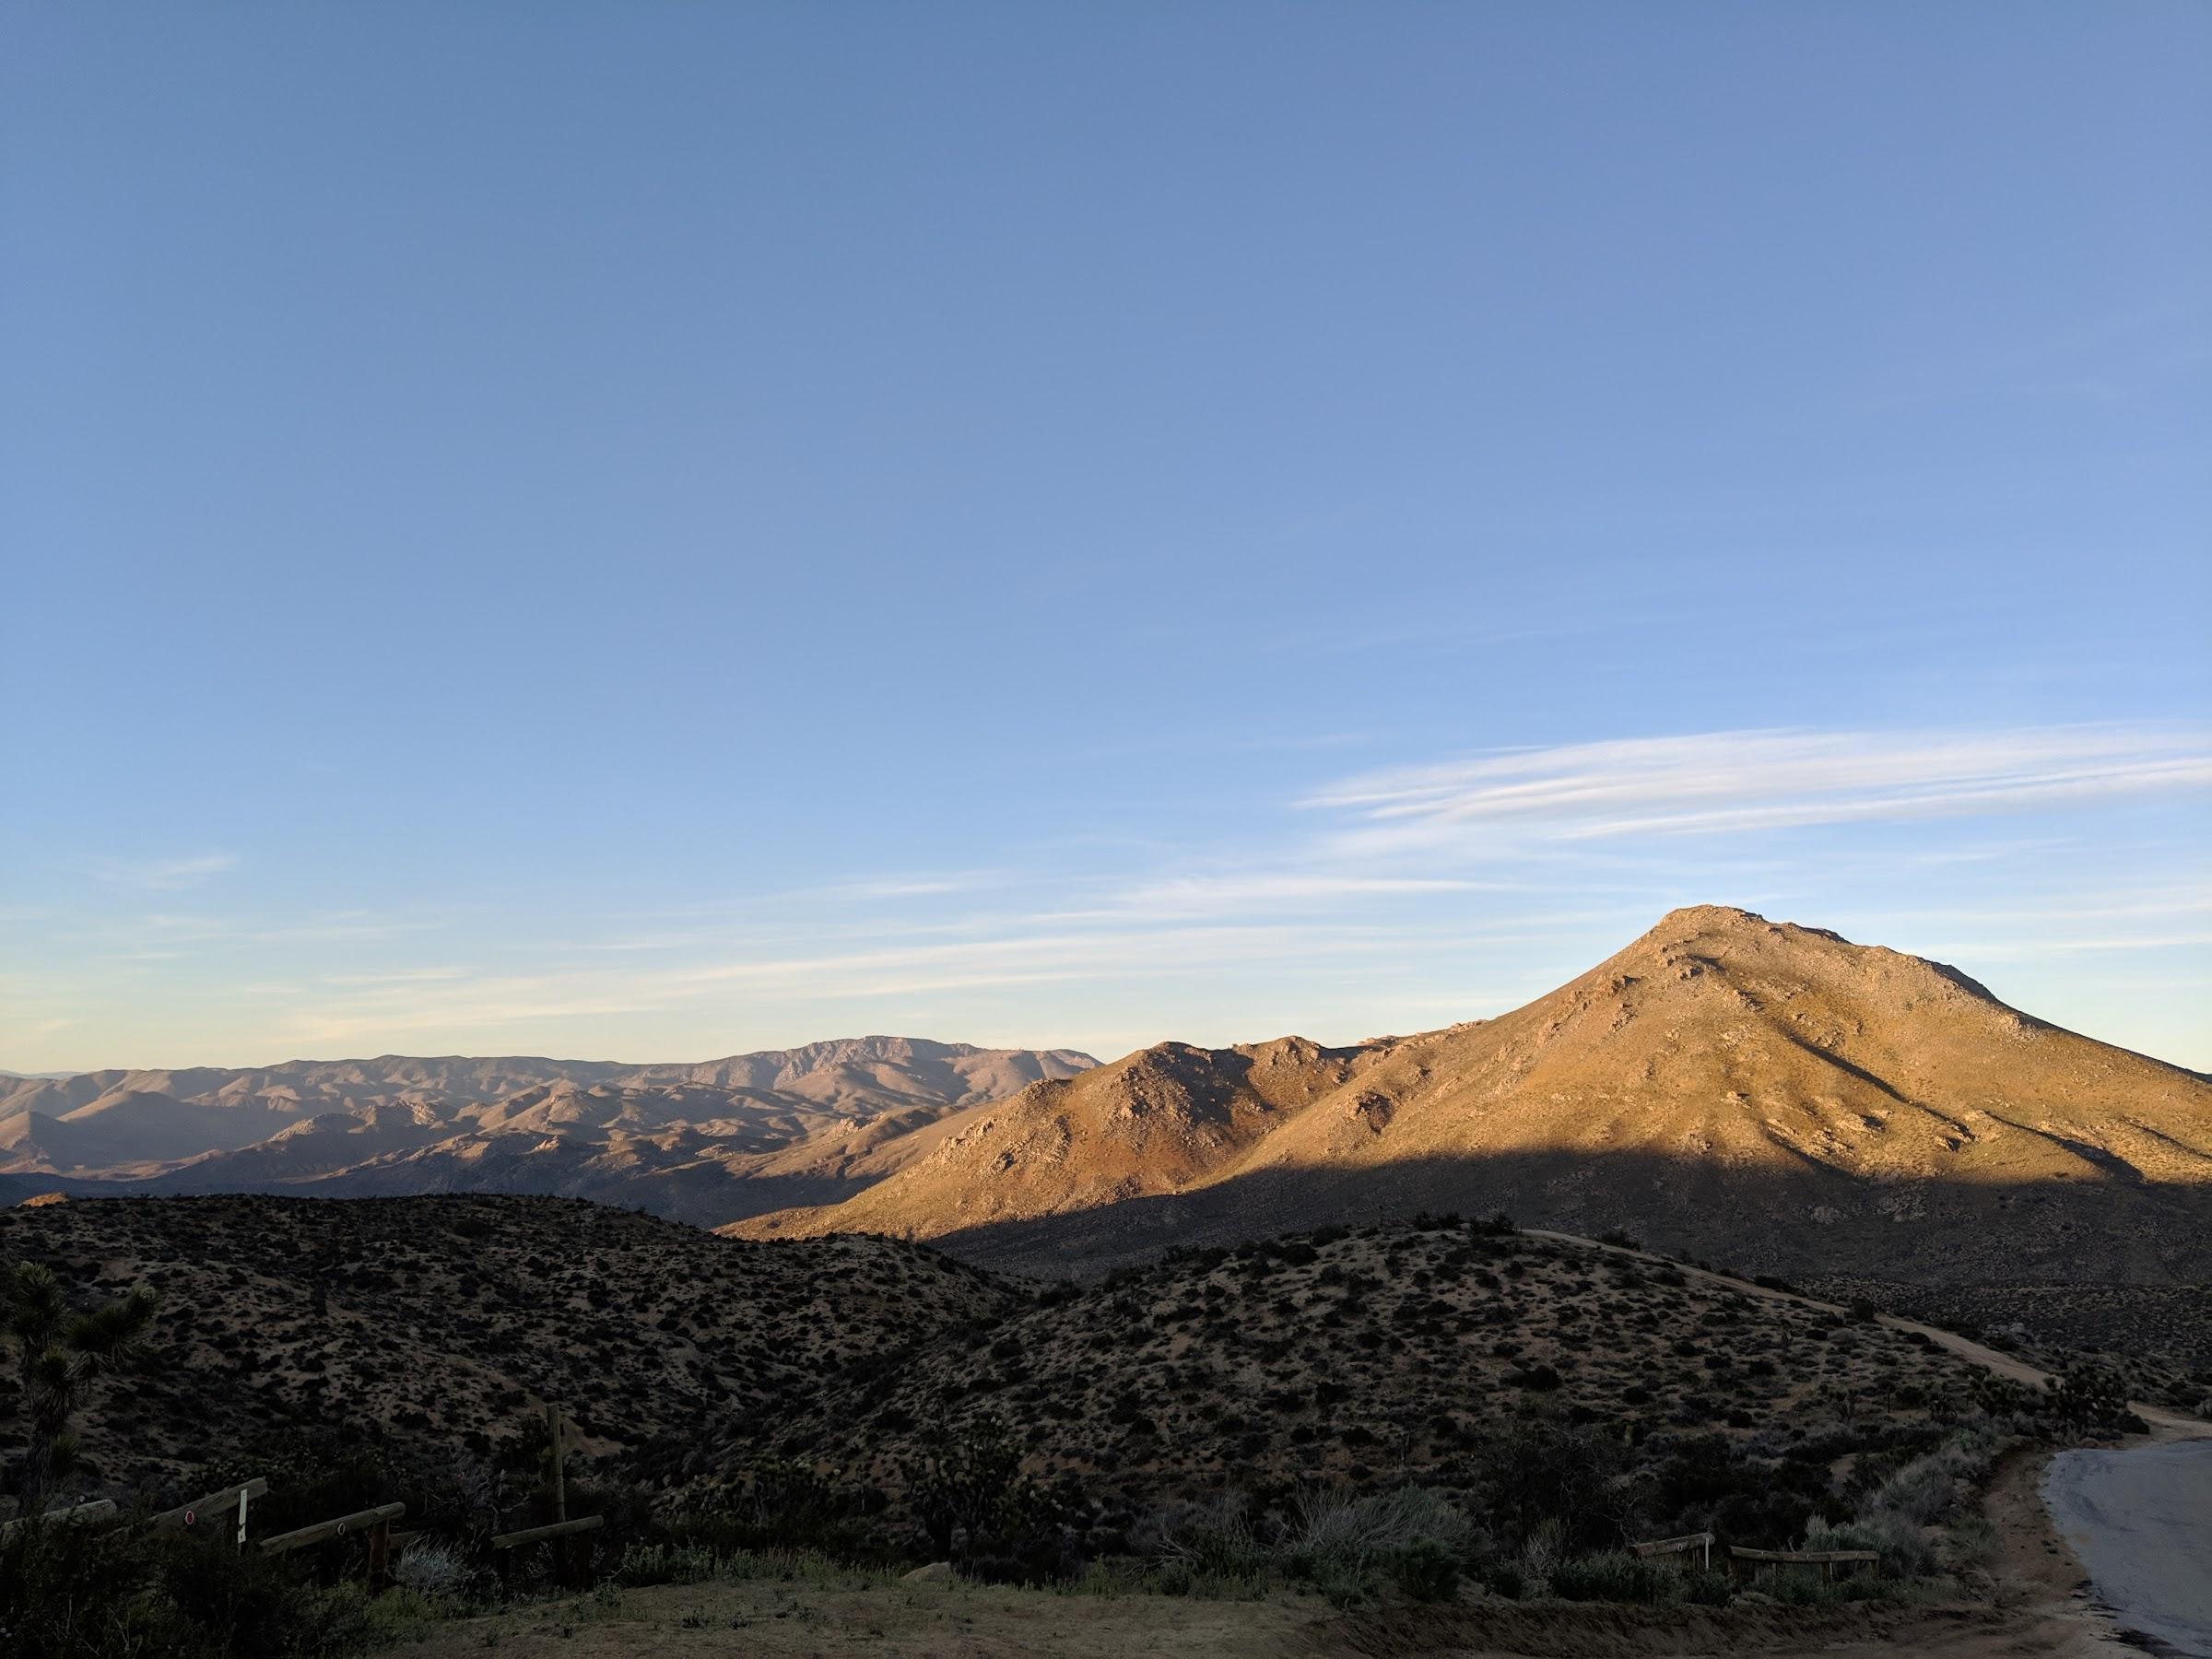 Fin de la journée dans une région assez désertique • End of the day in a pretty dry region